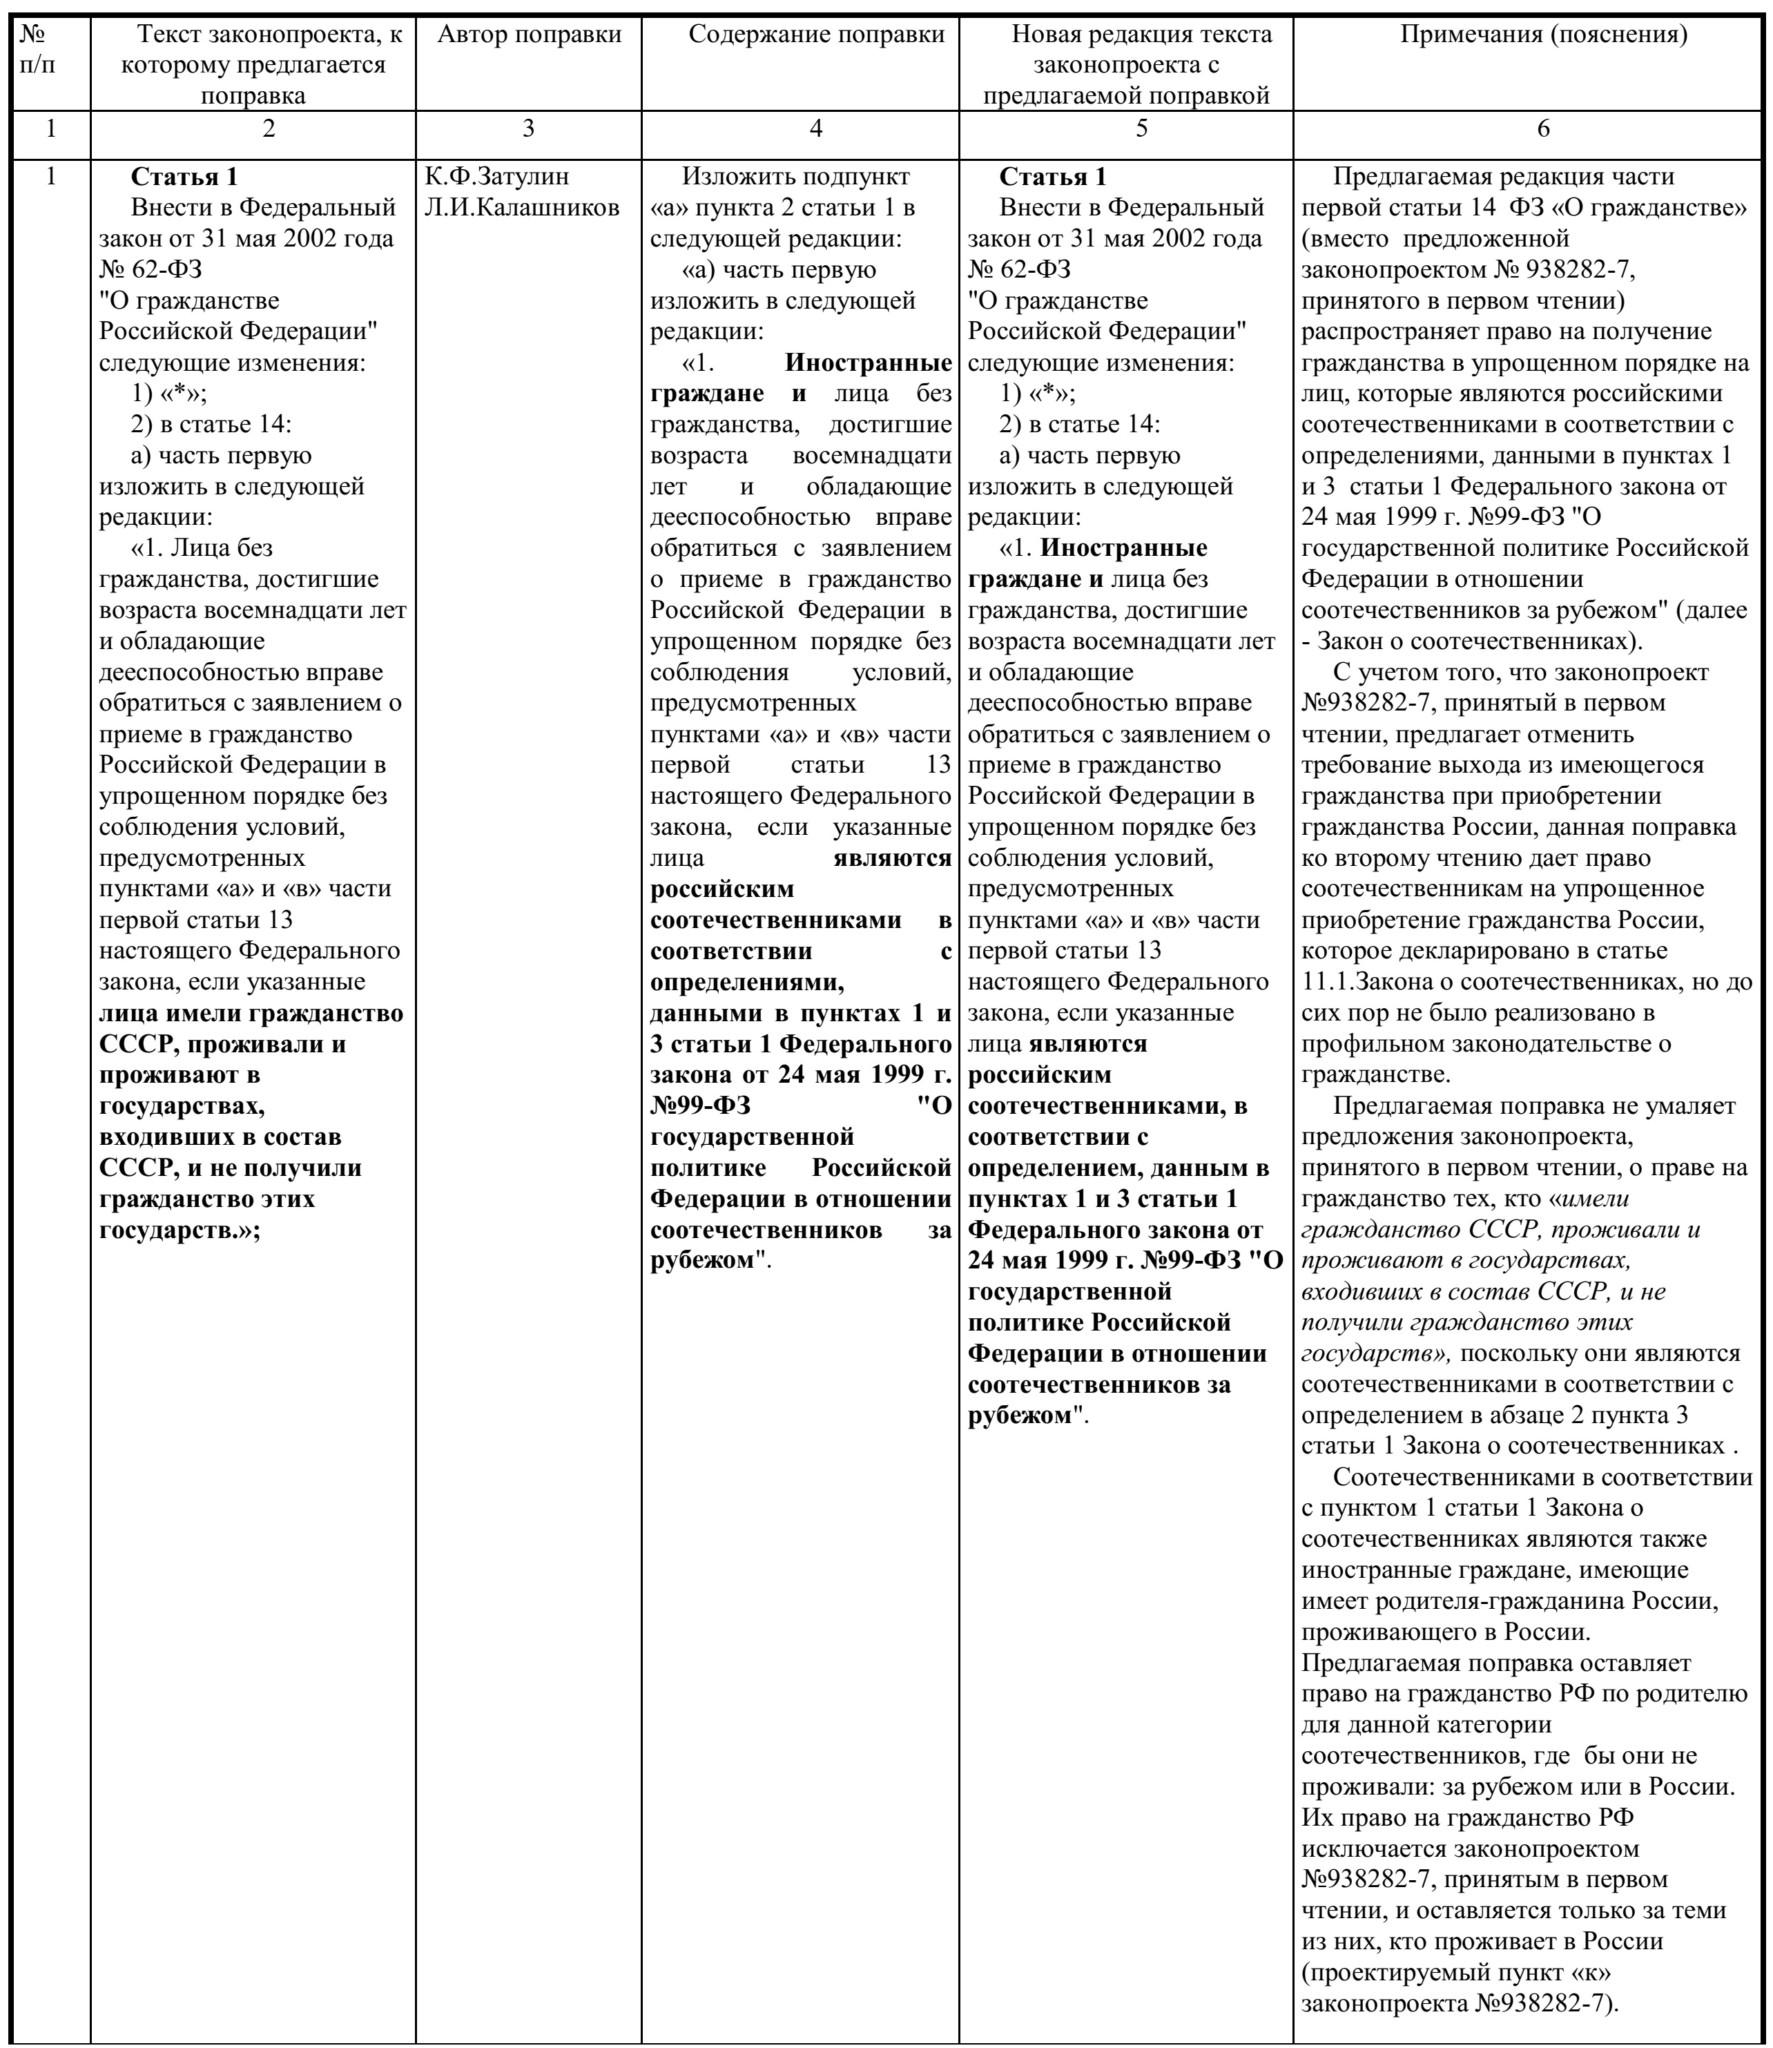 таблица приложение